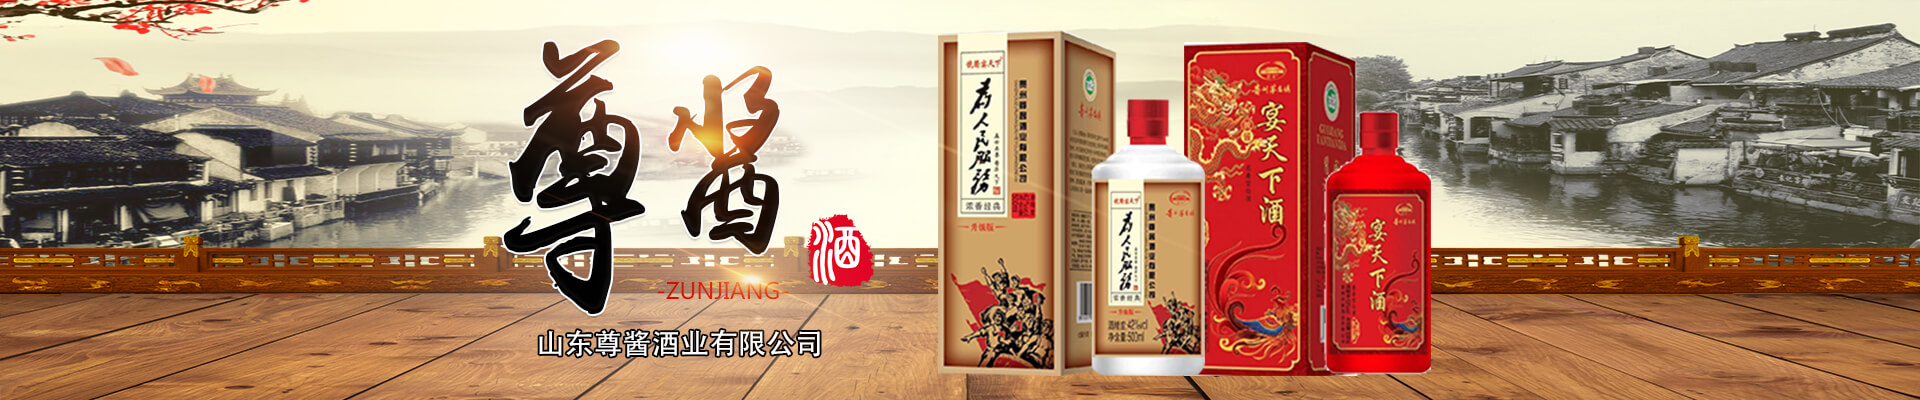 山东尊酱酒业有限公司